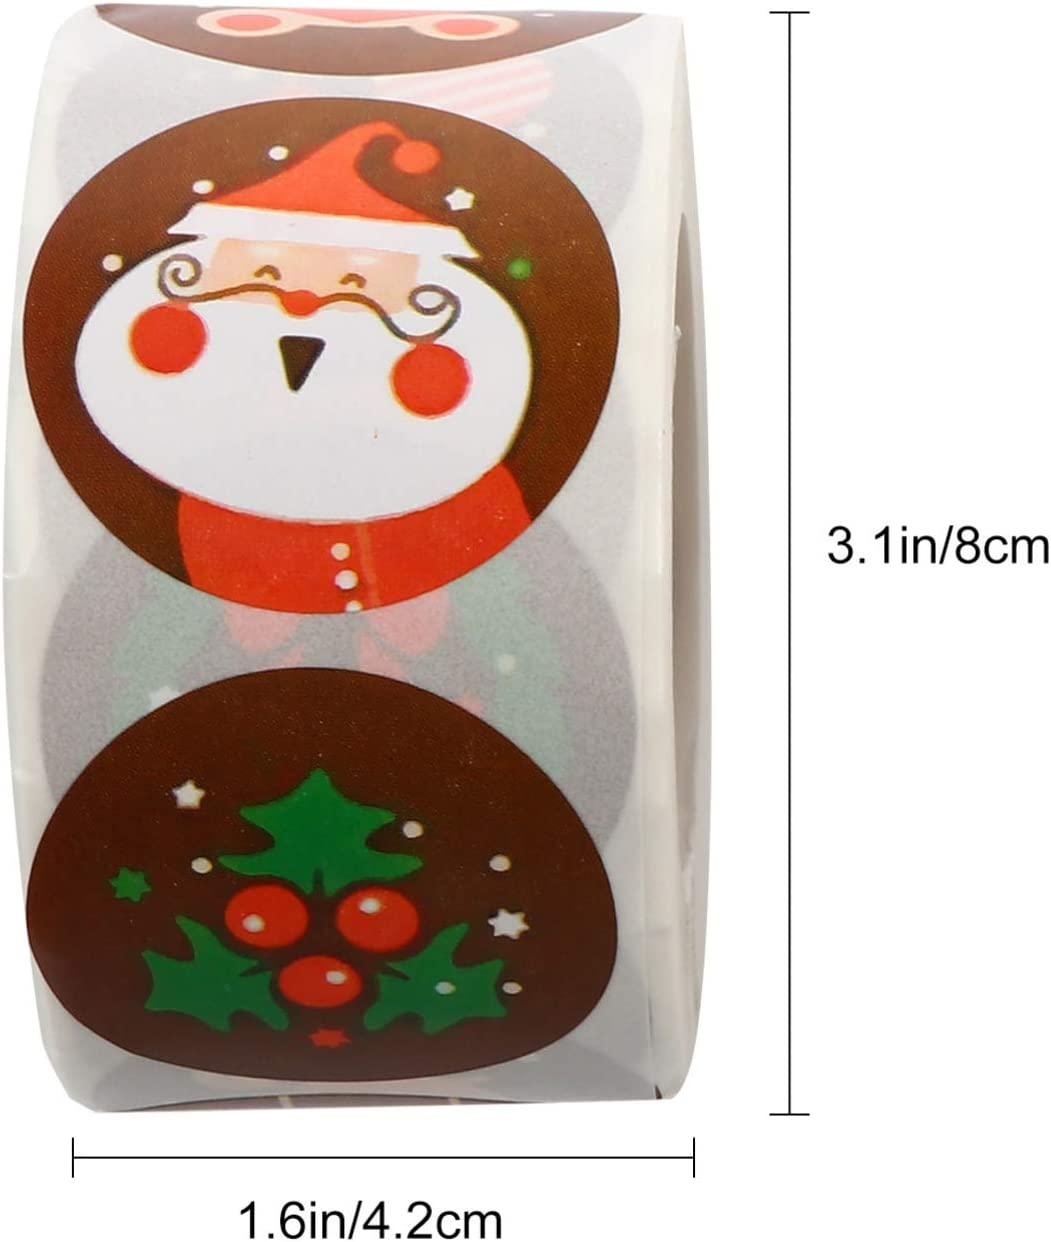 2 Rouleaux Tomaibaby Autocollants D/étiquette de No/ël Autocollants de Cadeau /Étiquettes de No/ël Auto-Adh/ésives pour Sacs de Calendrier de Lavent//Sacs-Cadeaux de No/ël